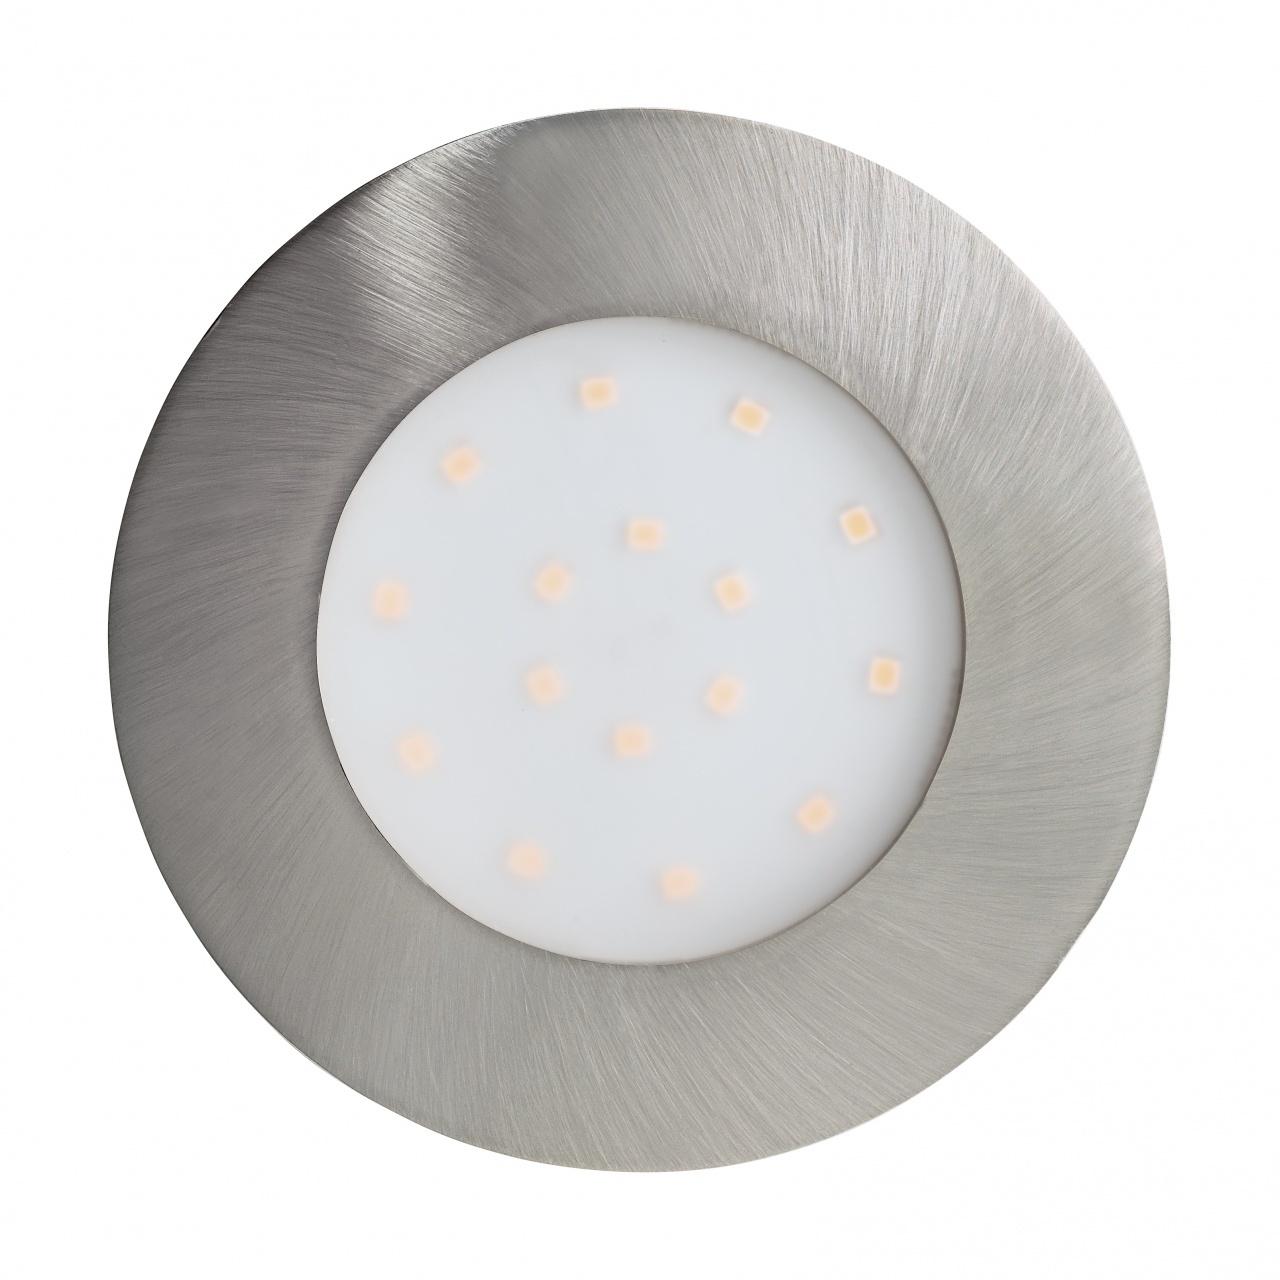 Уличный светодиодный светильник Eglo Pineda-Ip 96417